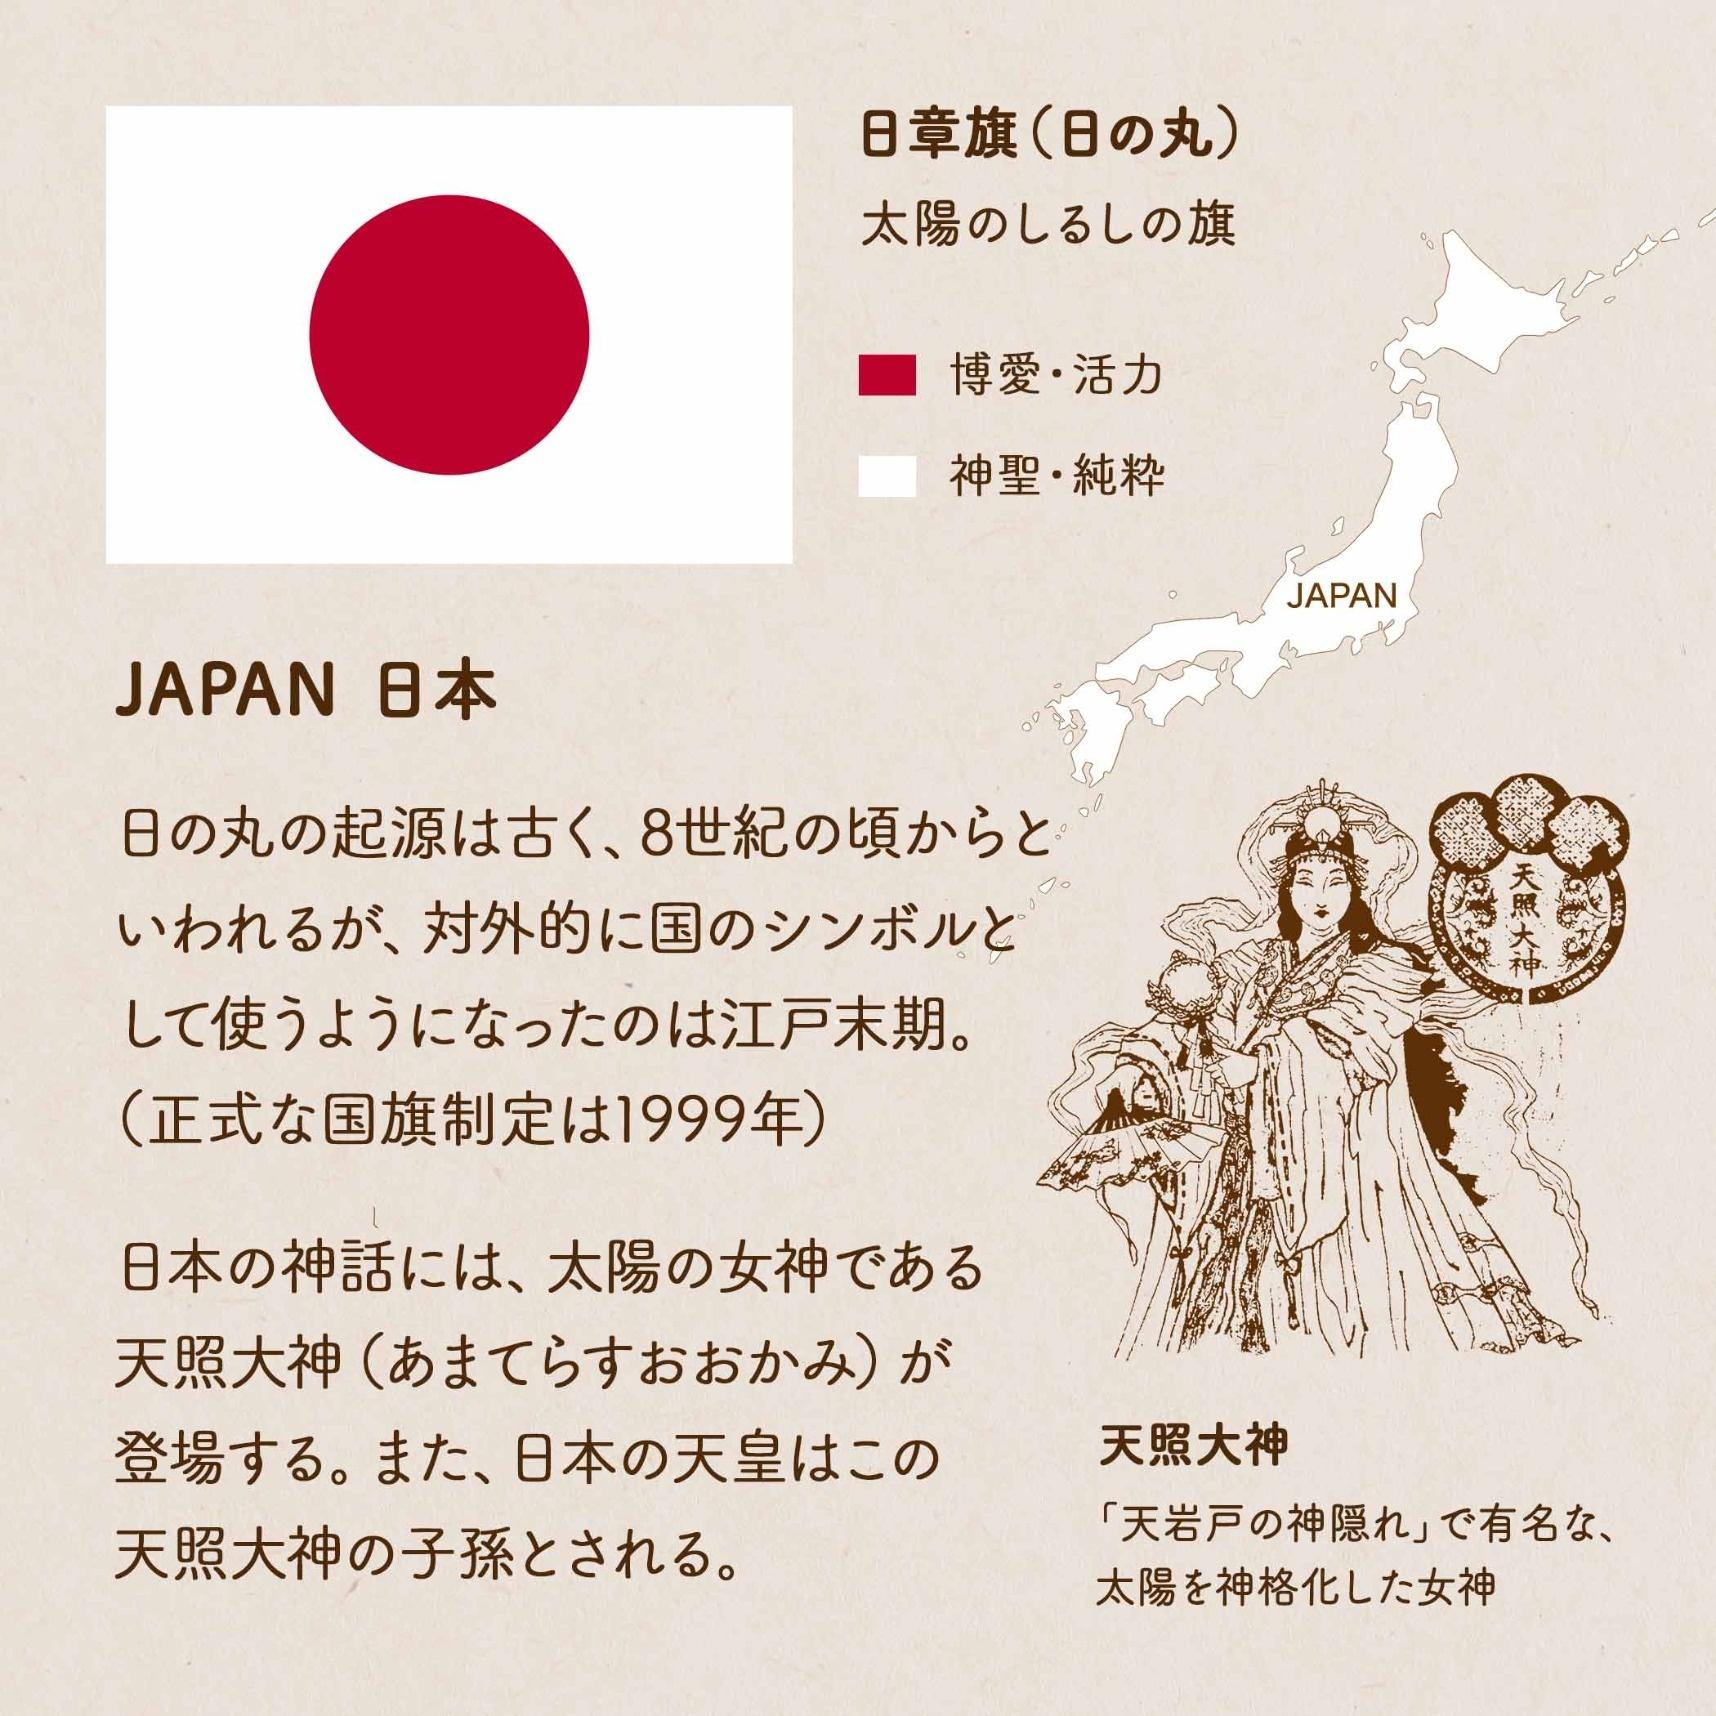 日章旗(日の丸)/太陽のしるしの旗 赤=博愛・活力 白=神聖・純粋 JAPAN 日本/日の丸の起源は古く、8世紀の頃からといわれるが、対外的に国のシンボルとして使うようになったのは江戸末期。(正式な国旗制定は1999年)日本の神話には、太陽の女神である天照大神(あまてらすおおかみ)が登場する。また、日本の天皇はこの天照大神の子孫とされる。天照大神/天岩戸の神隠れで有名な、太陽を神格化した女神